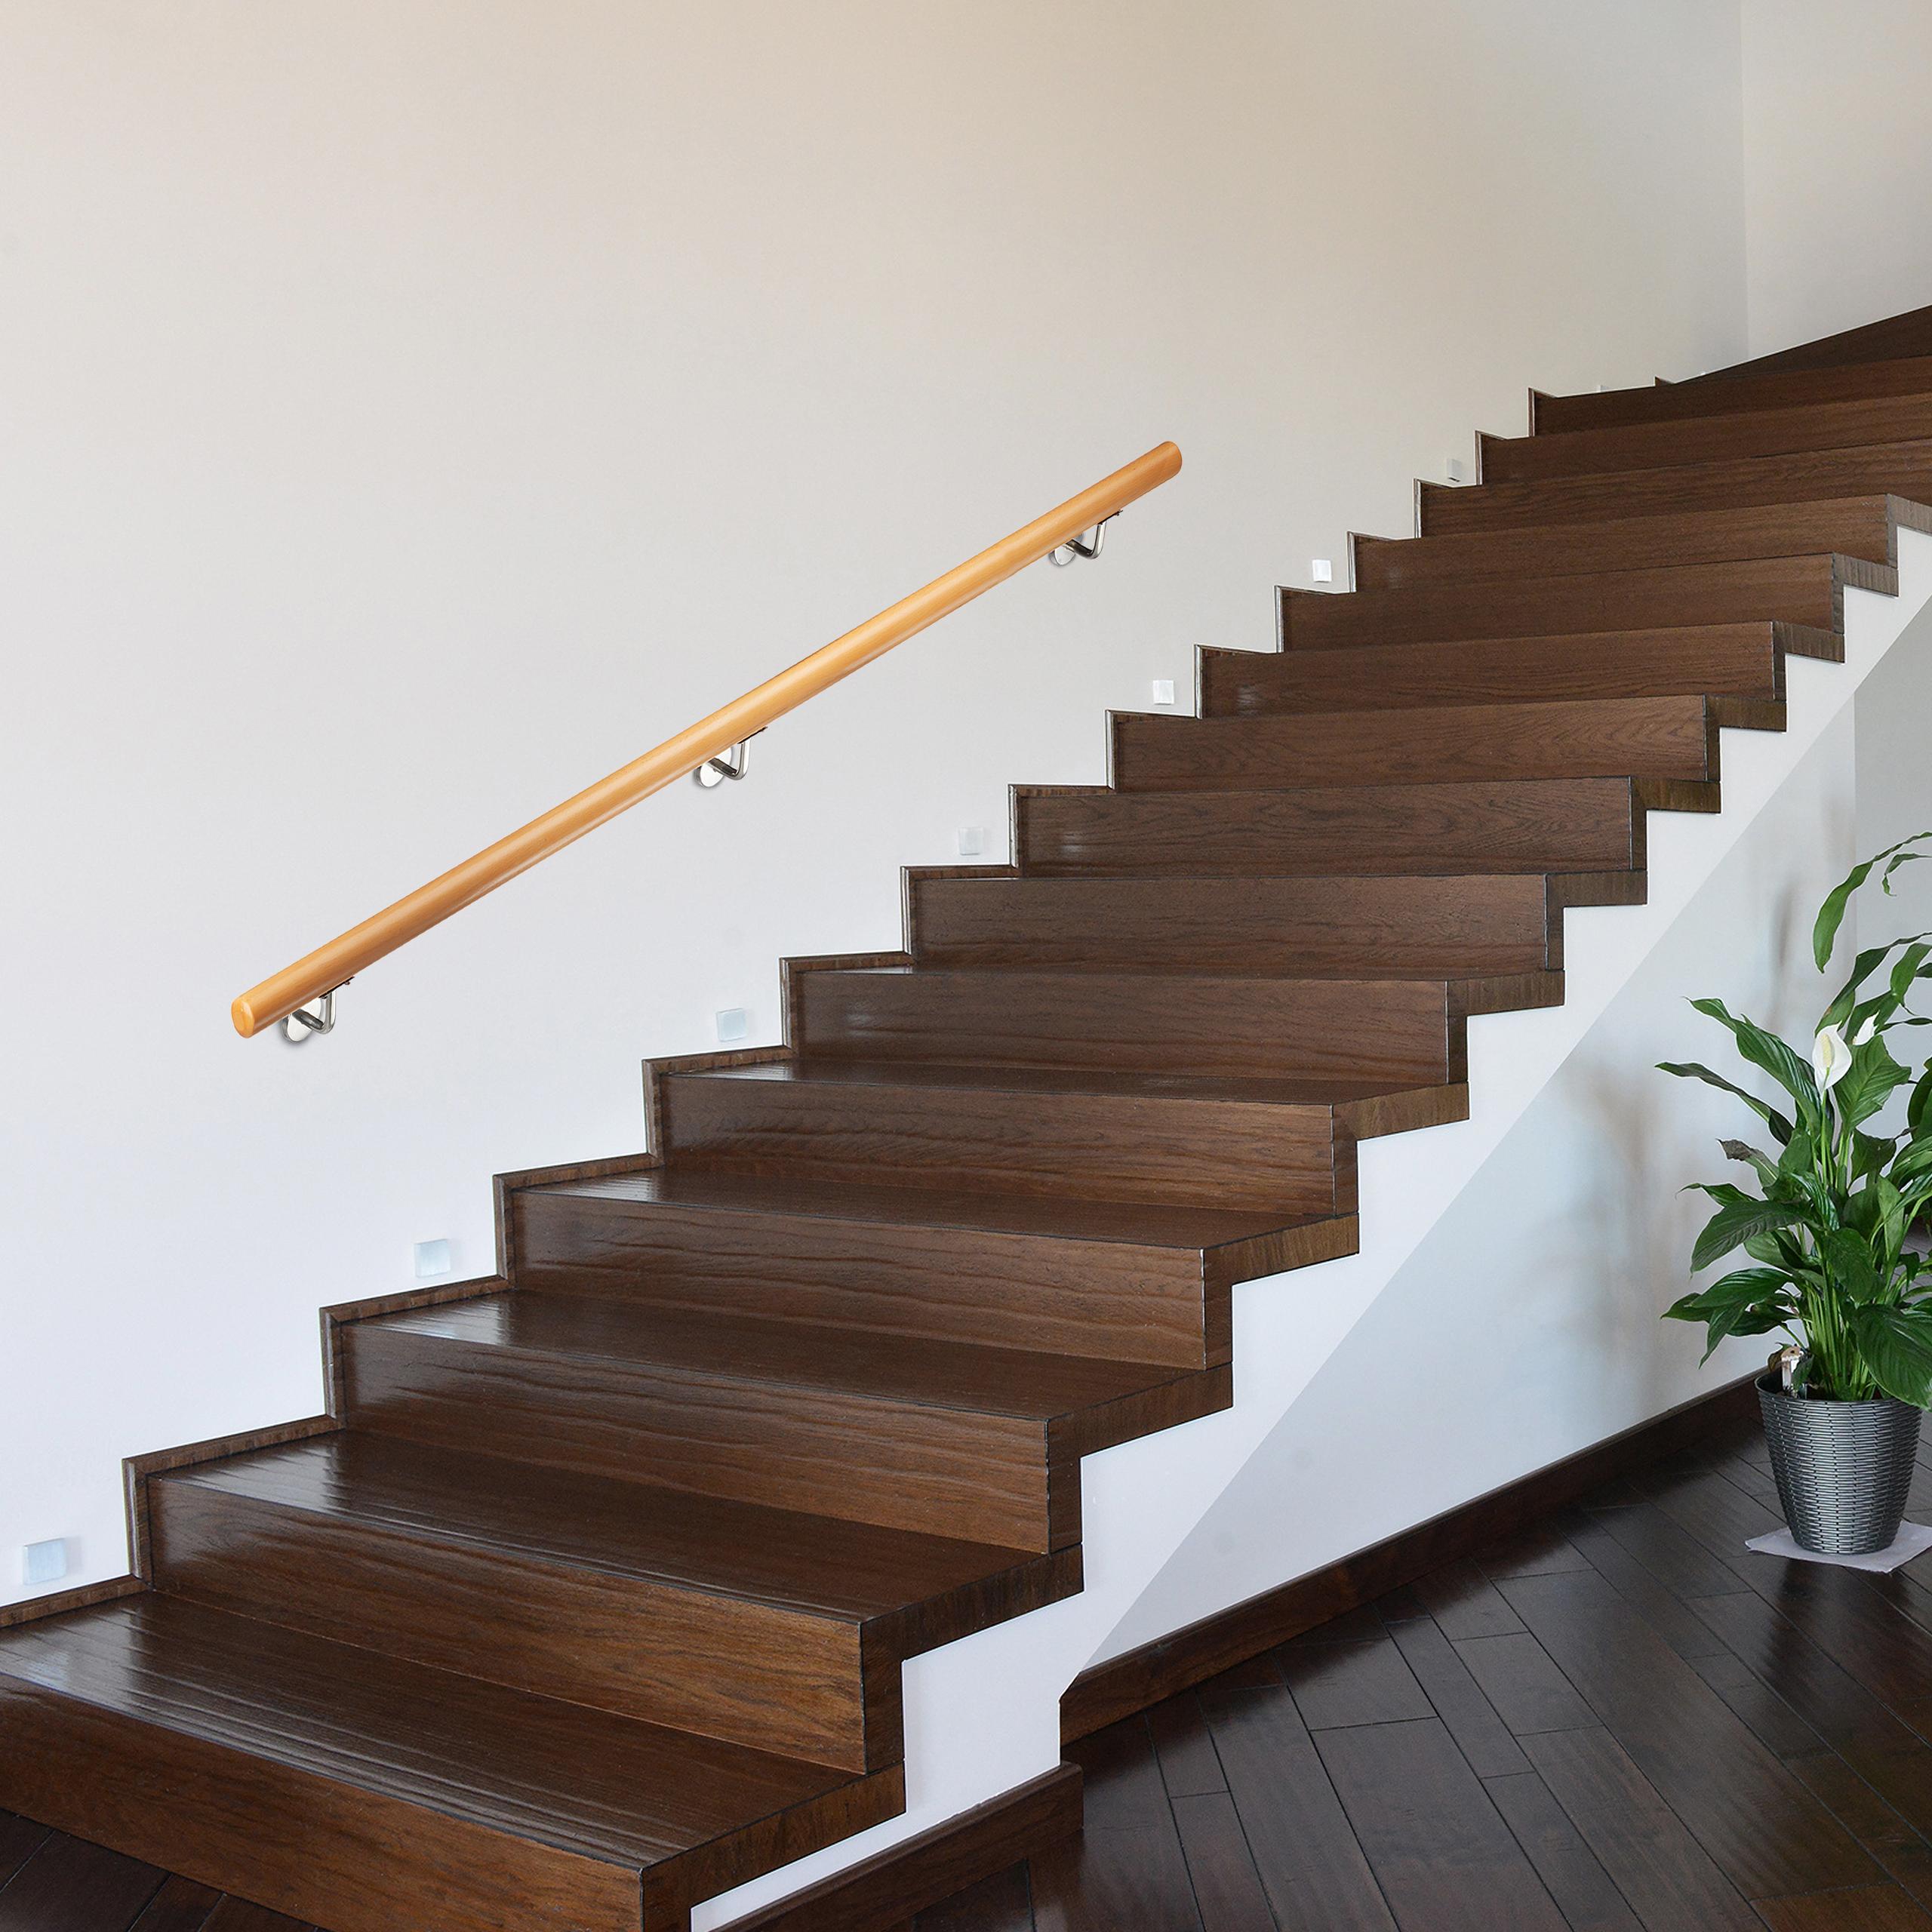 Handlauf Holz Treppenhandlauf Holzhandlauf Treppengeländer bis 2 m Wandmontage